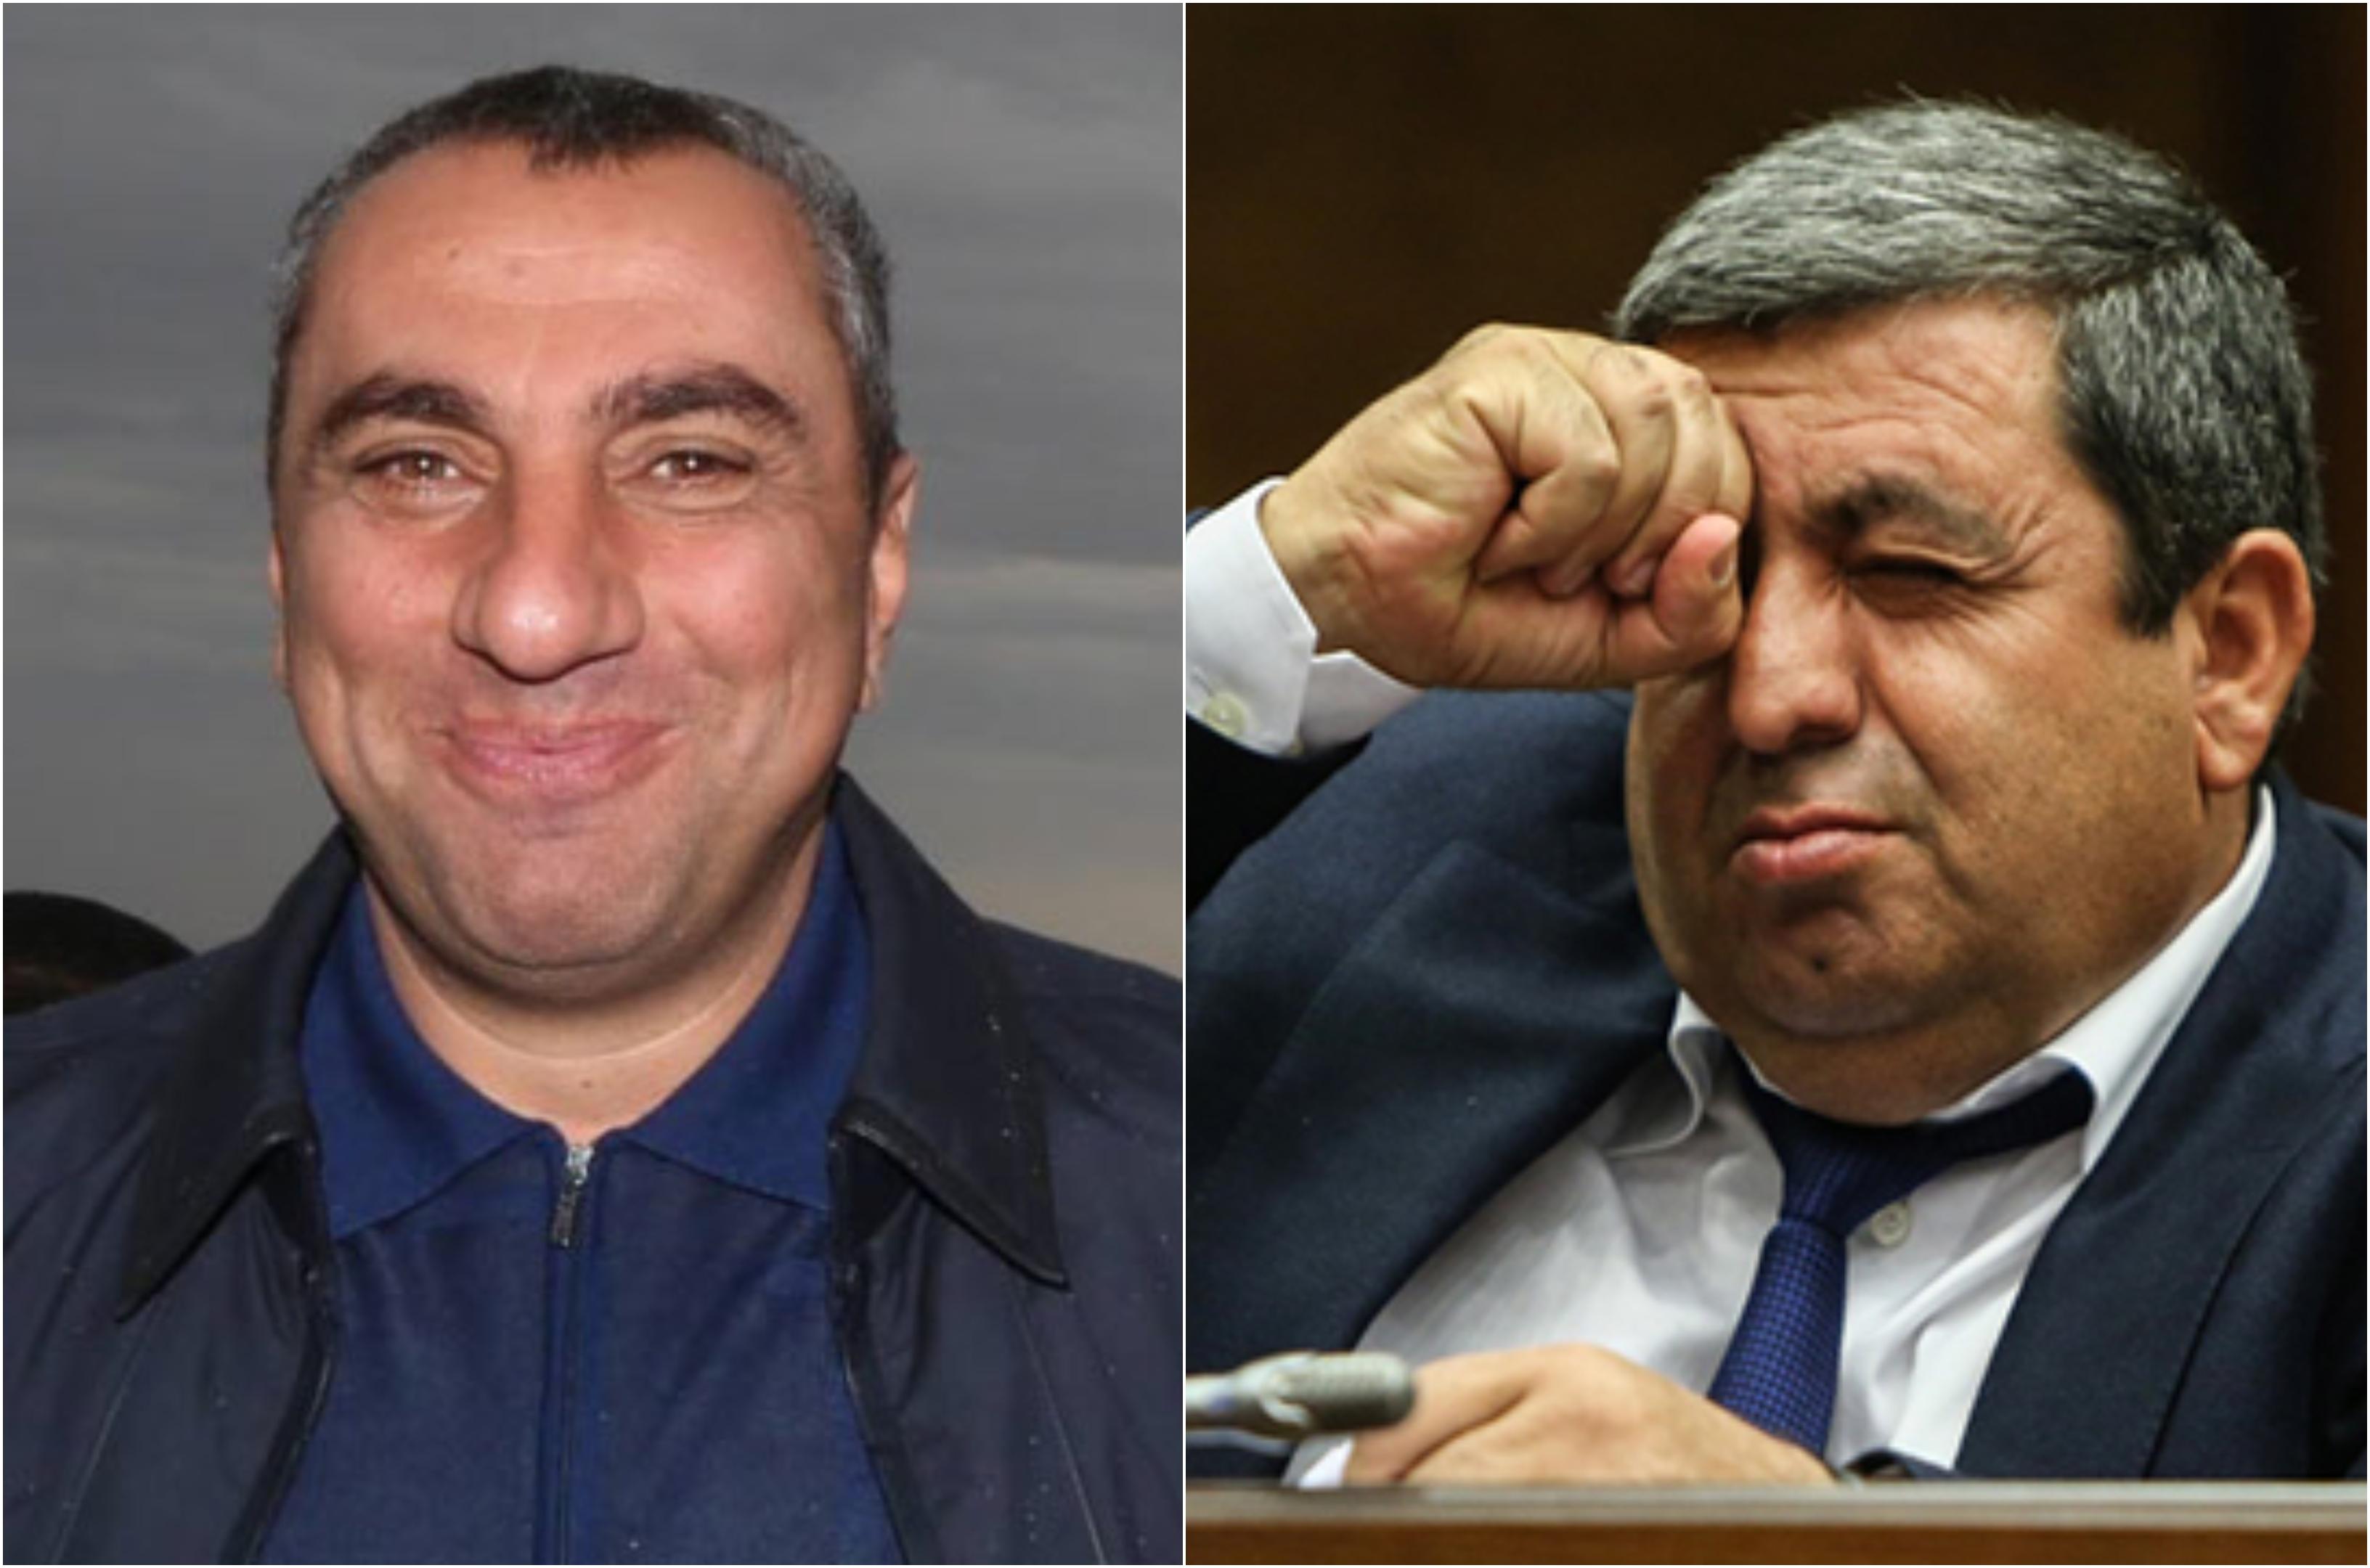 ՀՀ ԱԺ պատգամավոր Սամվել Ալեքսանյանը և Առաքել Մովսիսյանը